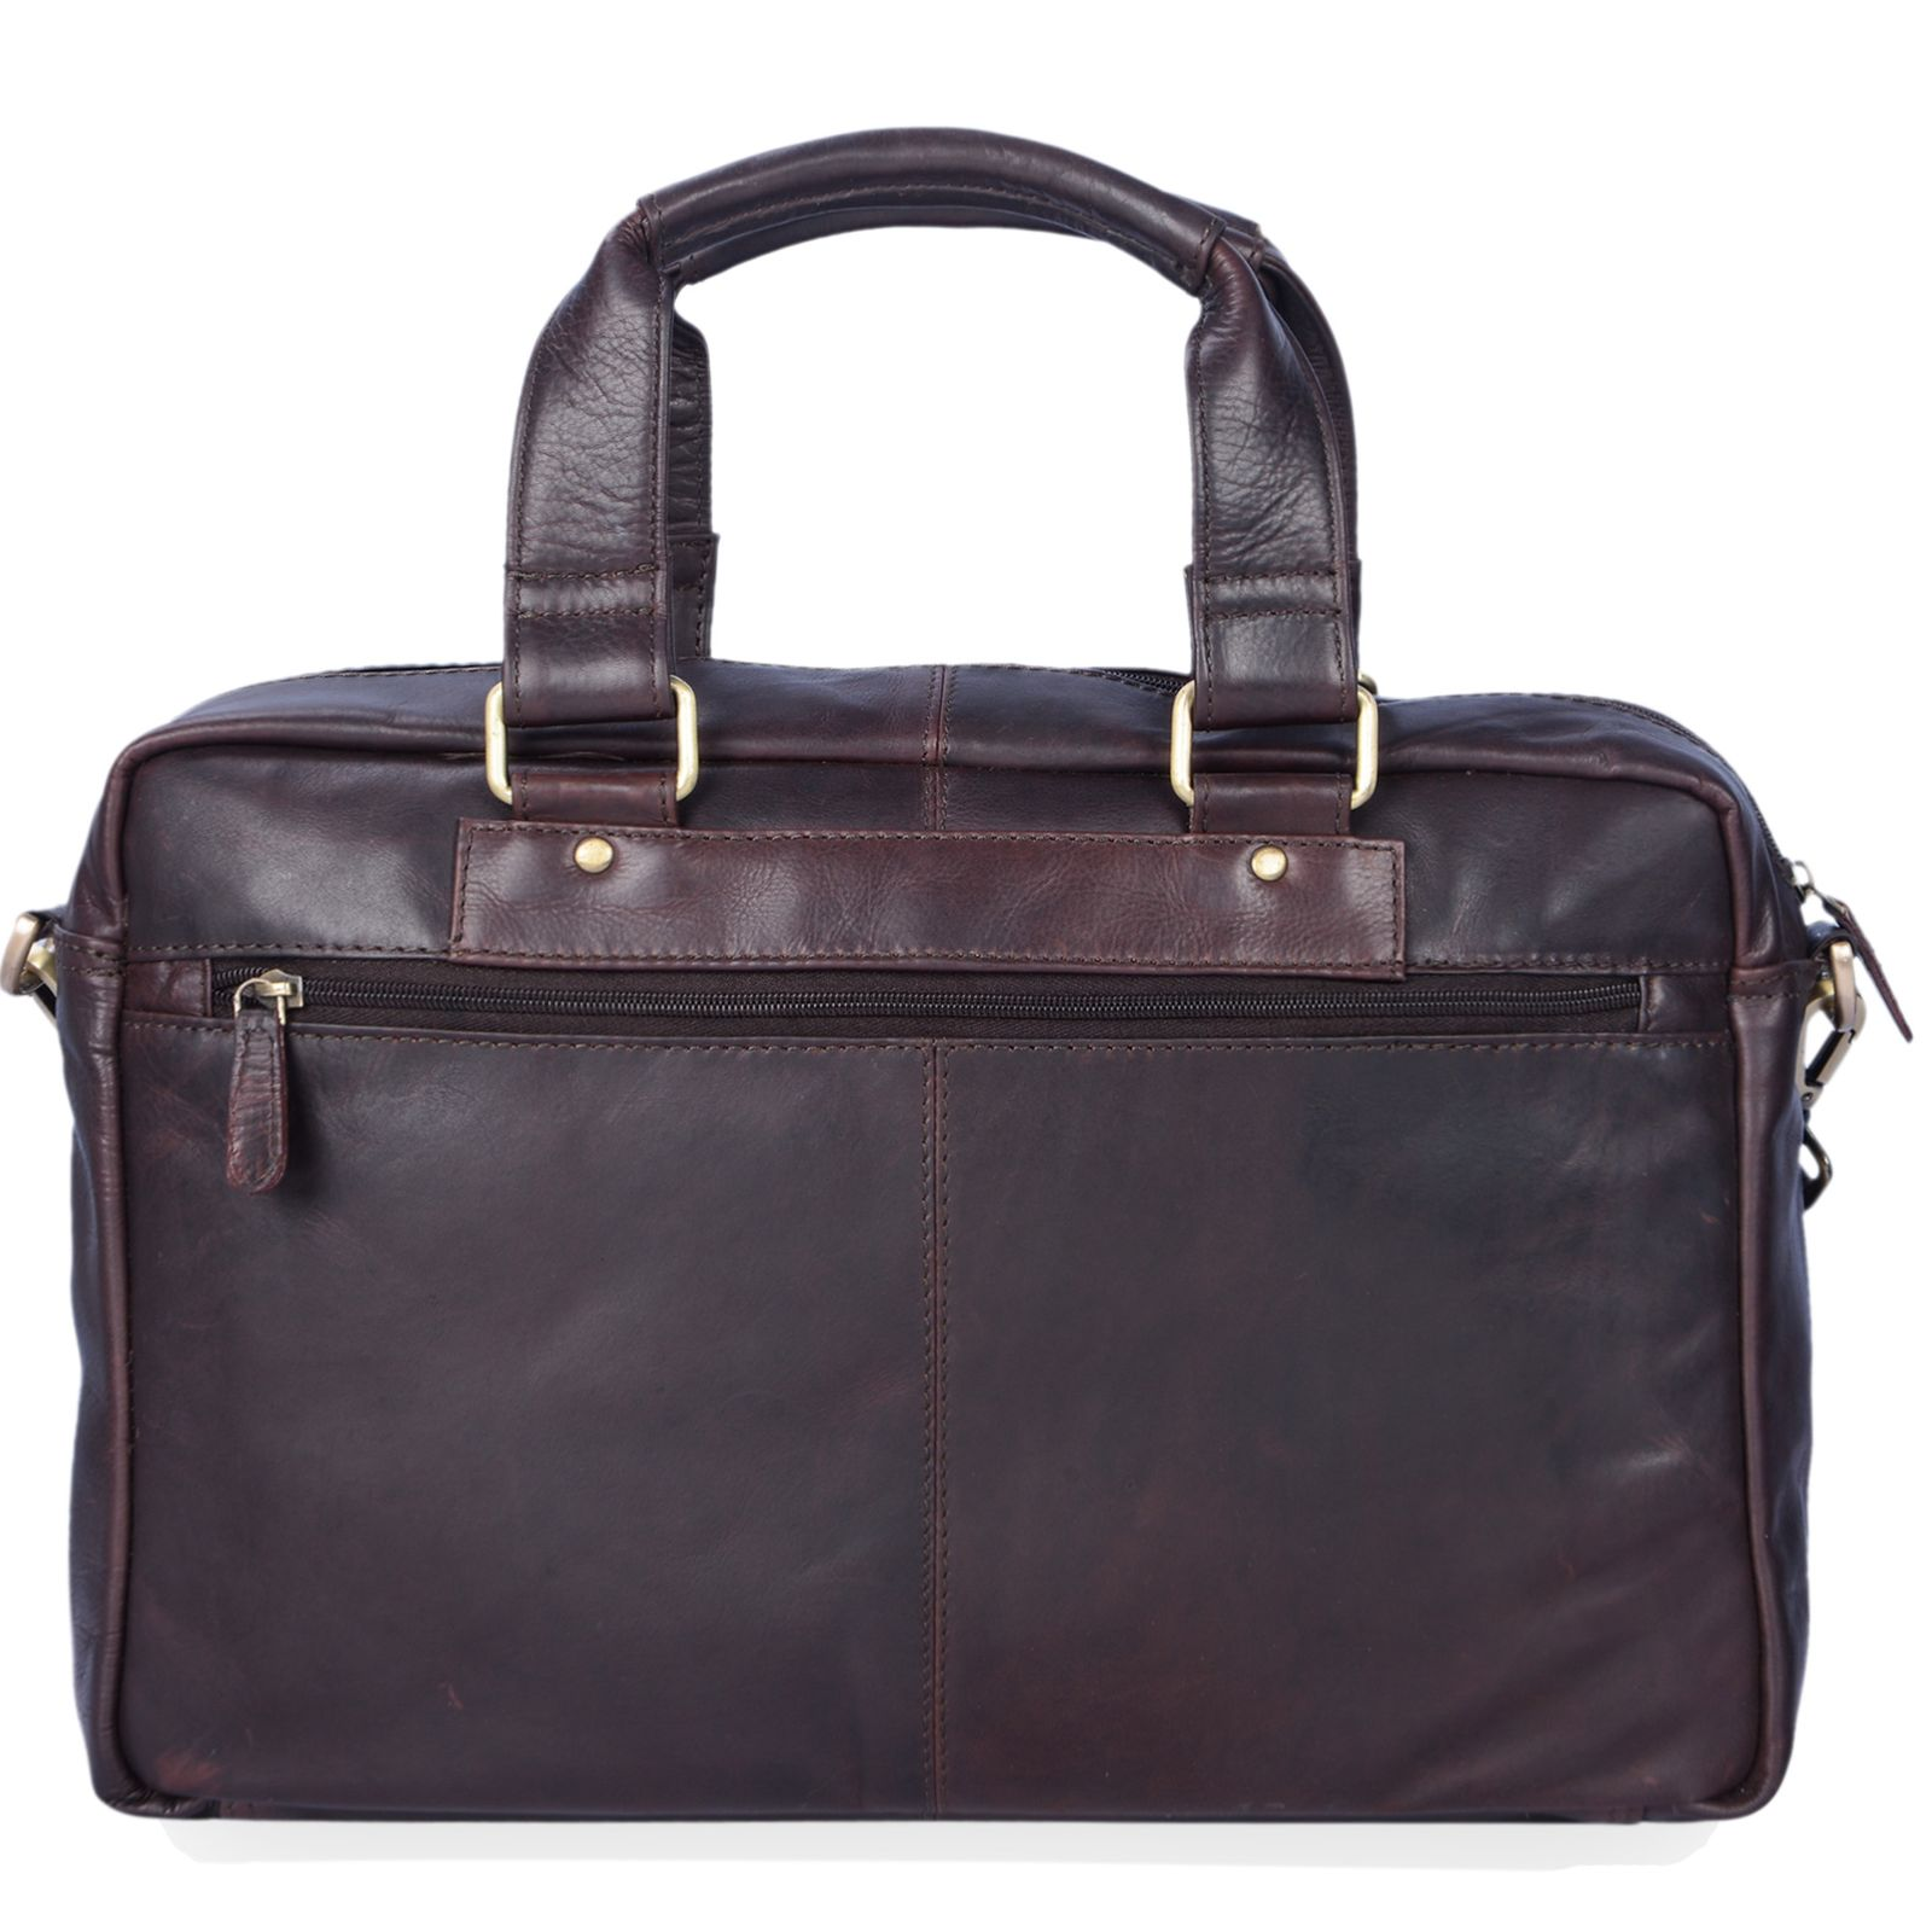 """STILORD """"Jon"""" Vintage Leder Umhängetasche Herren Damen Laptoptasche 15.6 Zoll für große DIN A4 Aktenordner Business Büro Arbeit Uni echtes Büffelleder - Bild 5"""